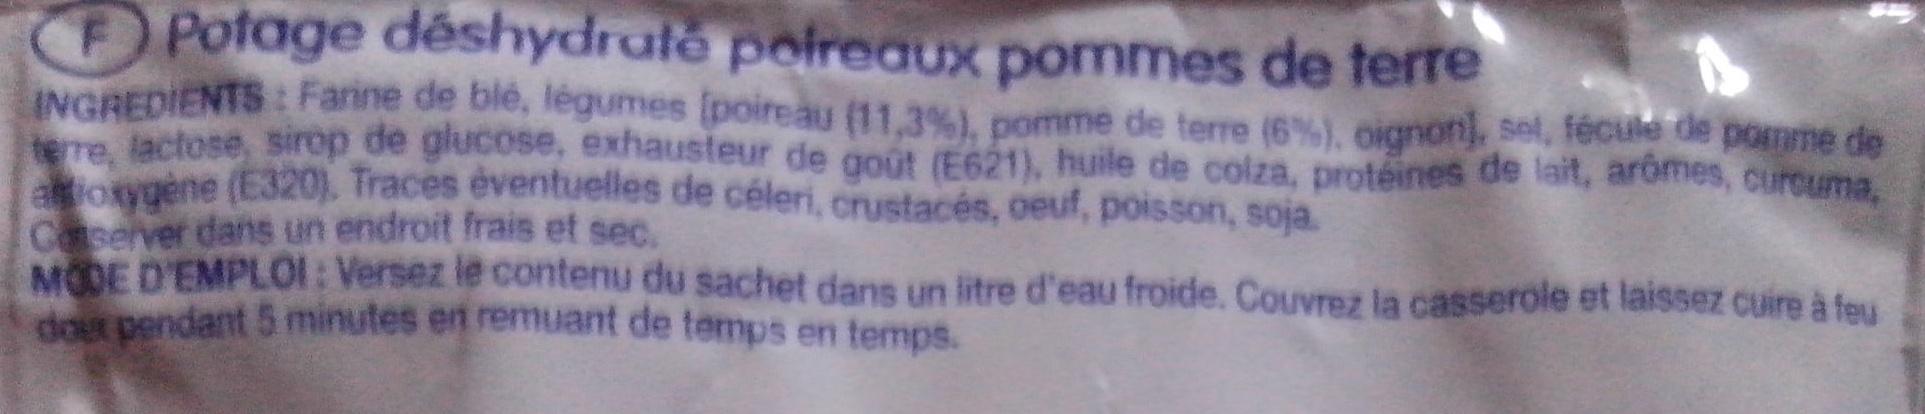 Potage poireaux pommes de terre - Ingrediënten